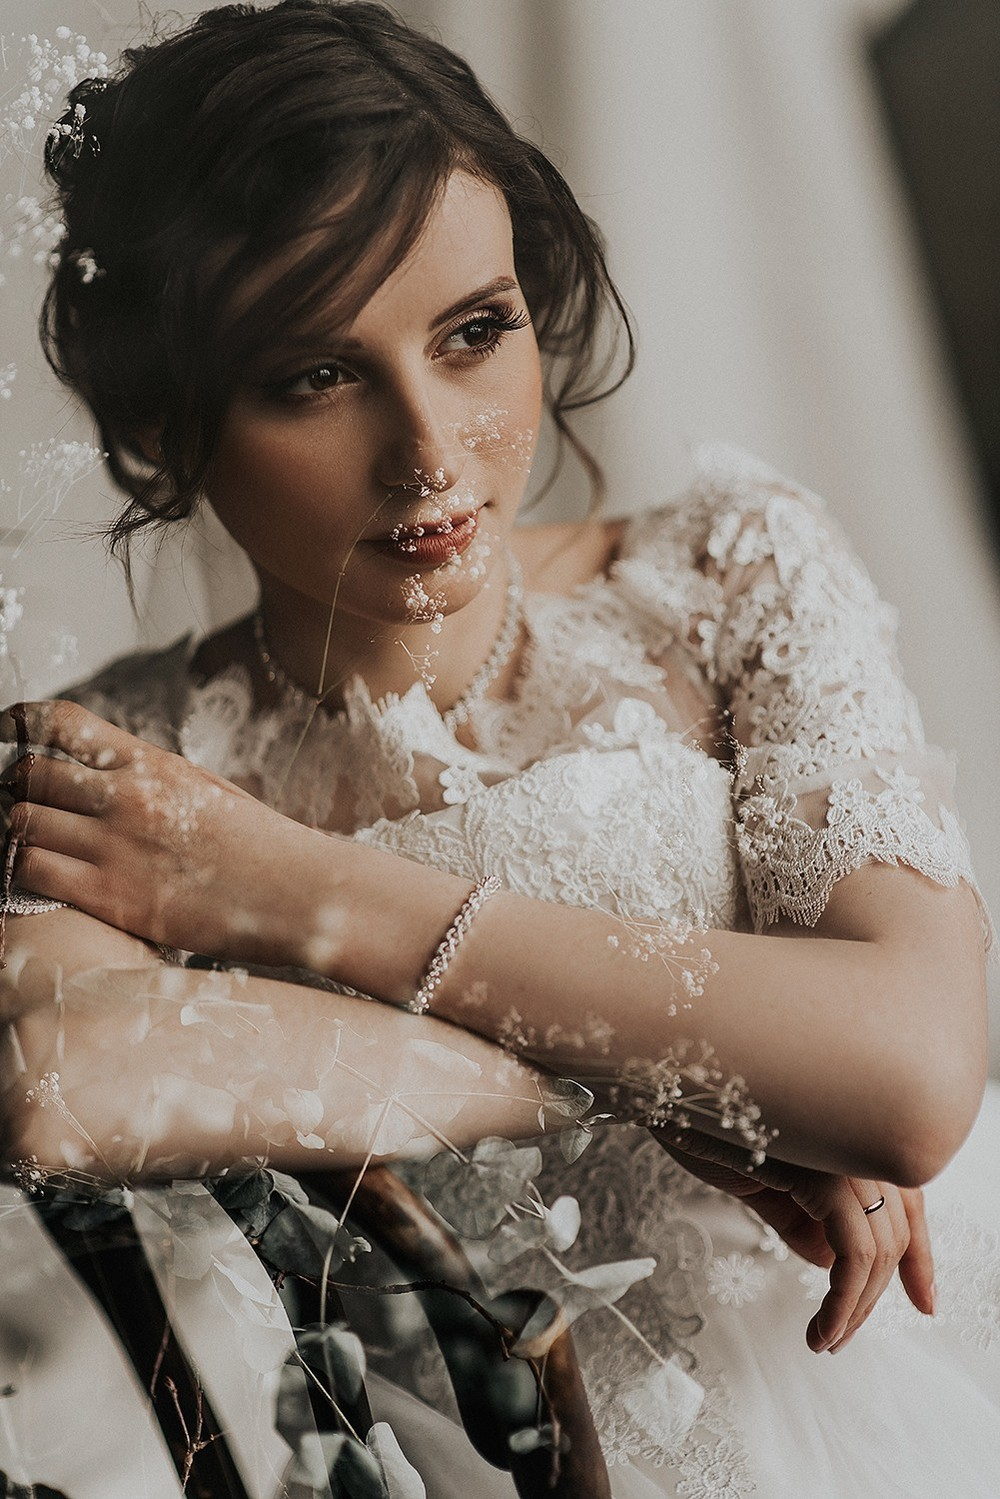 Свадебная фотосъемка и лав стори - Апрель 2021